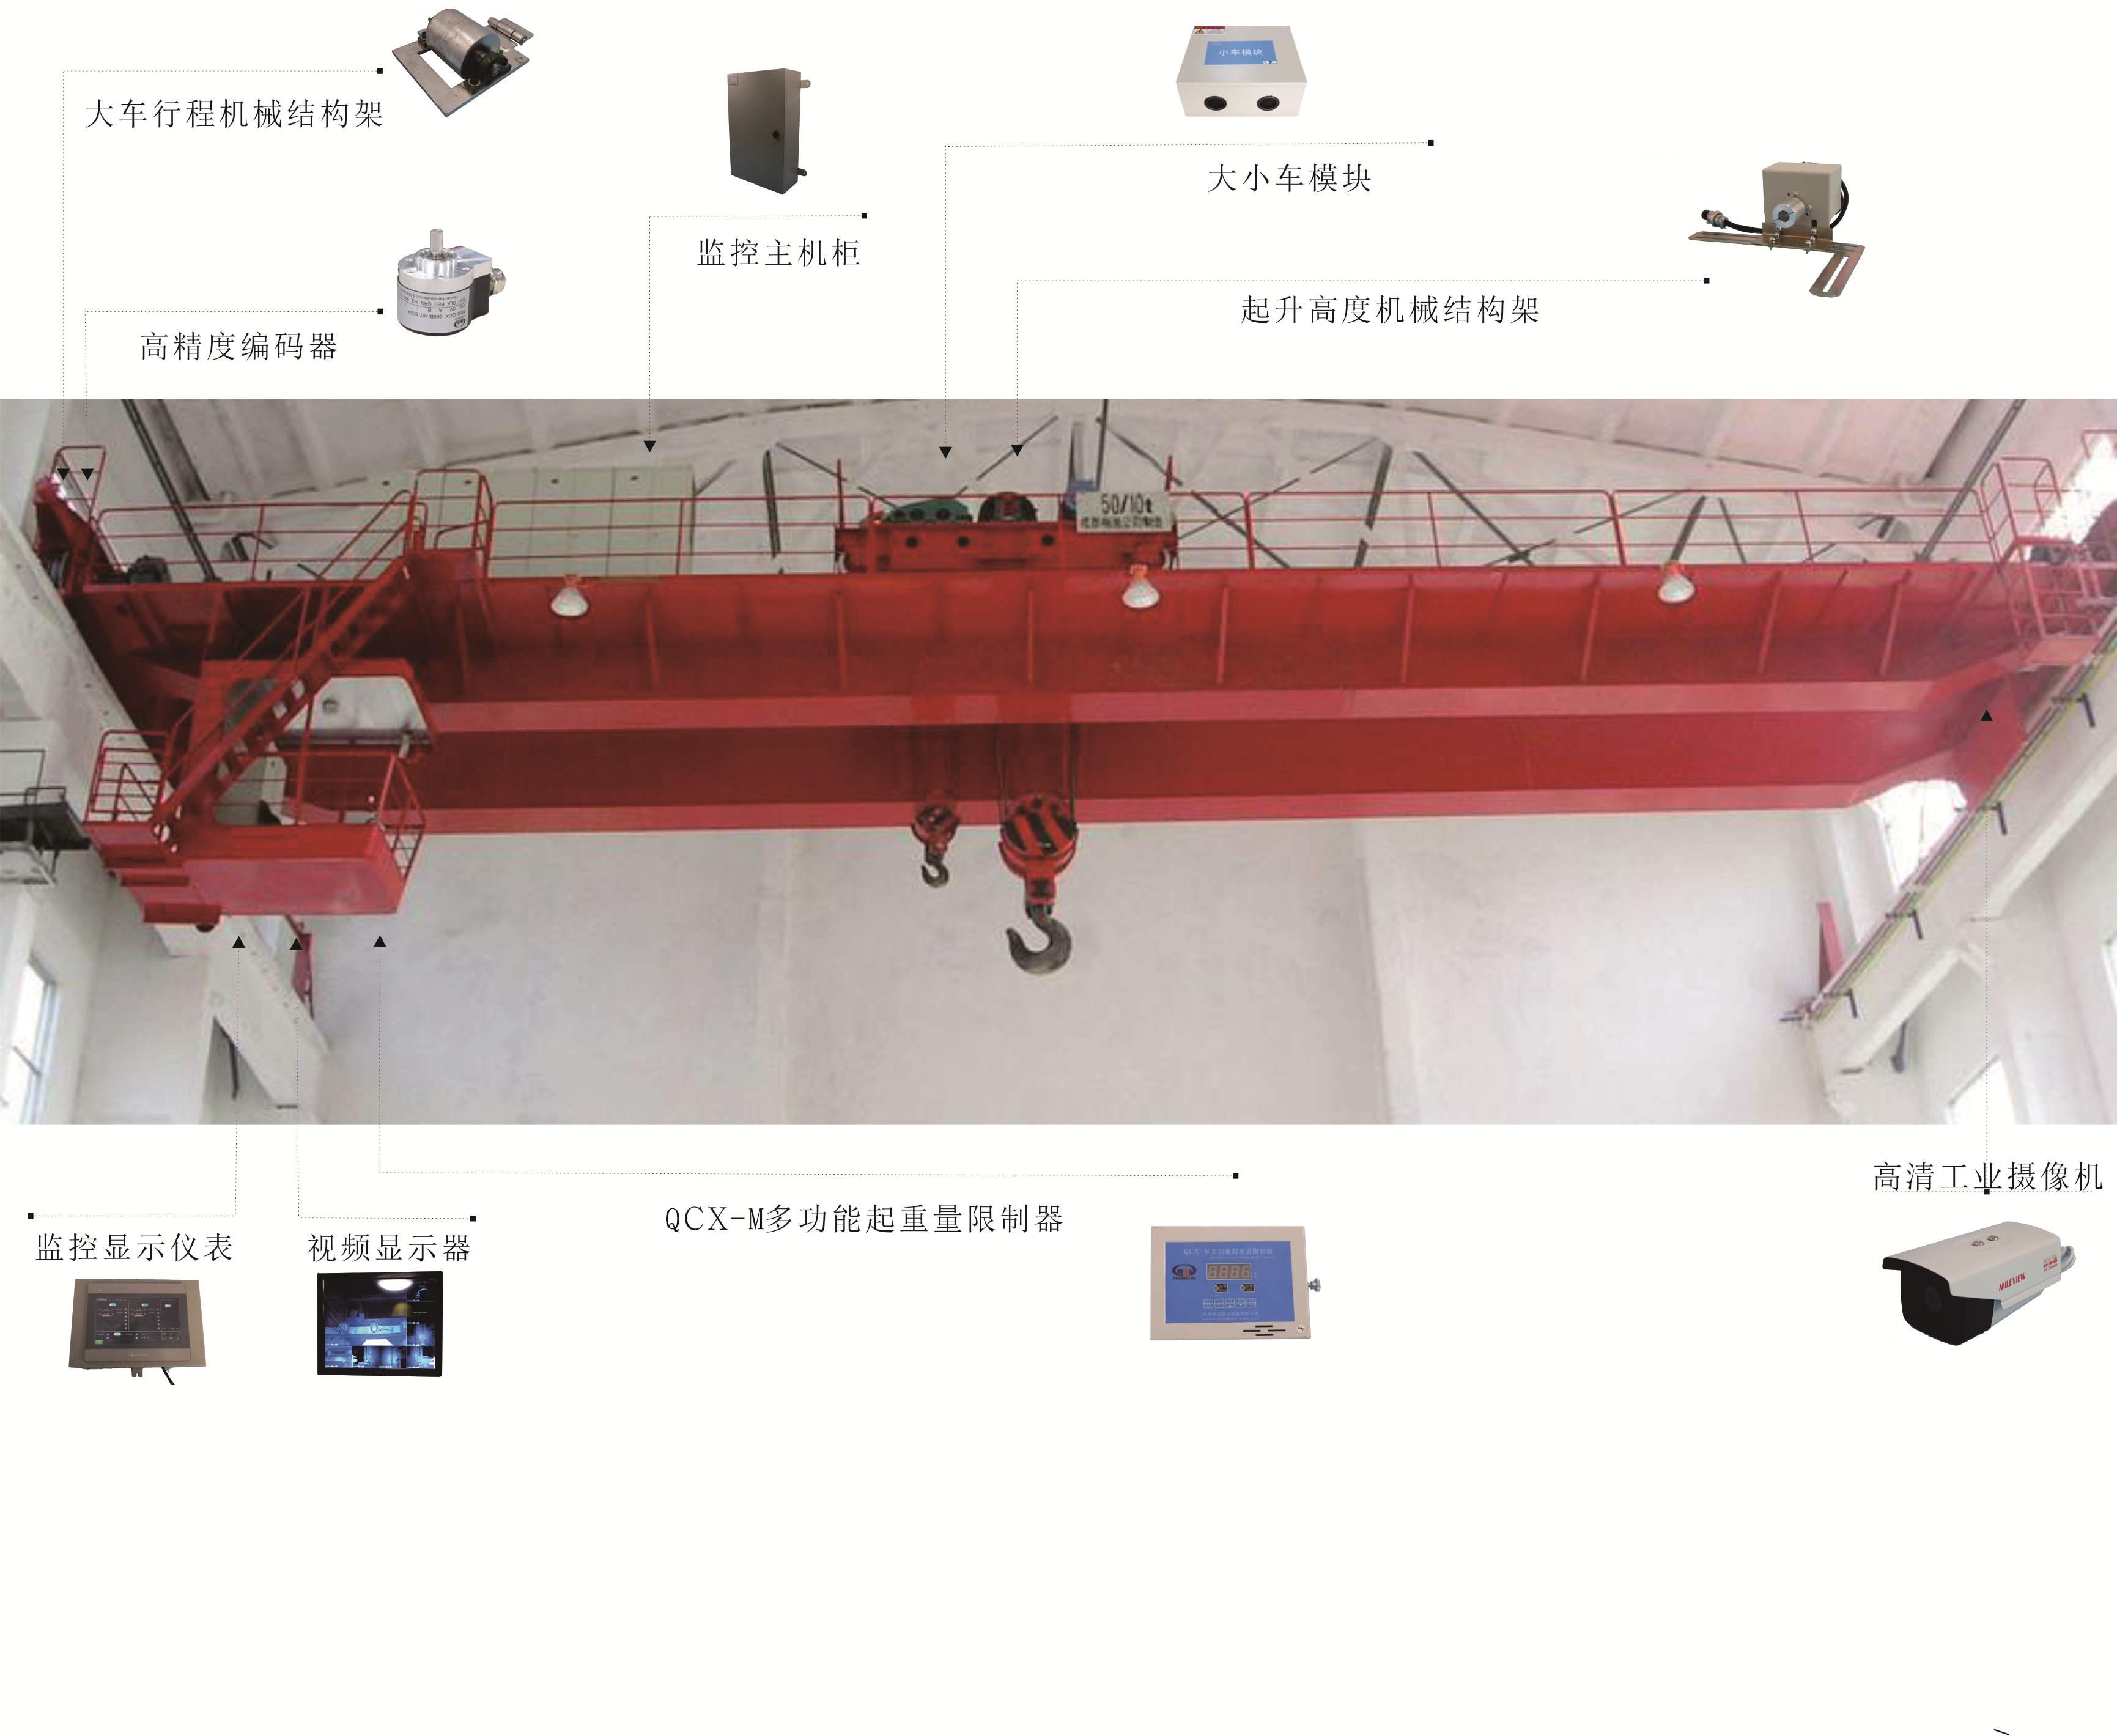 青岛起重机安全监控管理系统专业生产河南恒达